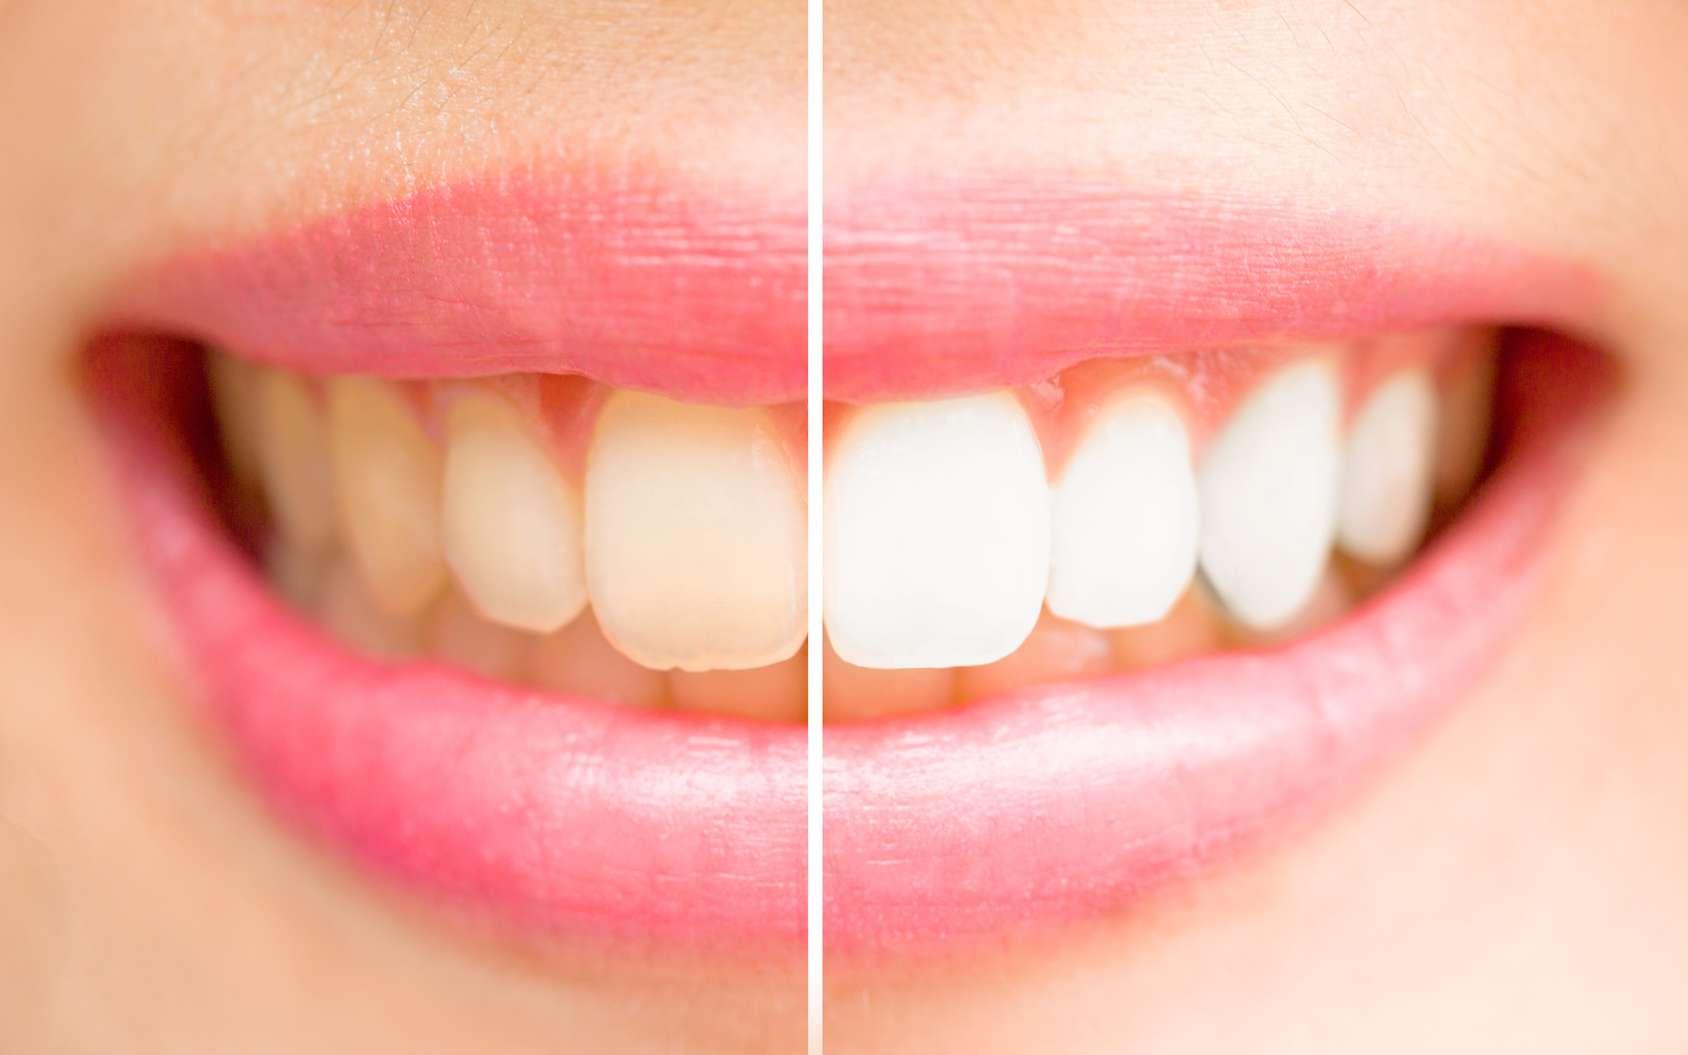 Des dents plus blanches sans traitement, c'est possible. © jayzynism, Fotolia